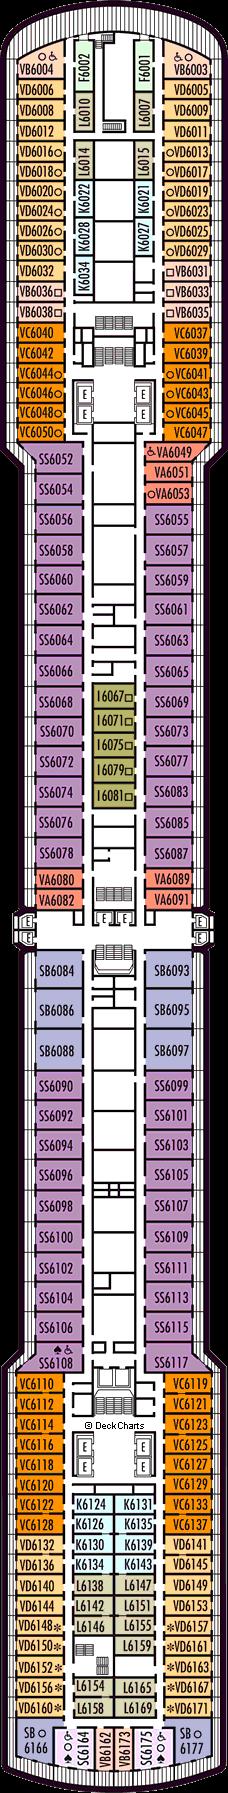 Oosterdam: Upper Verandah Deck